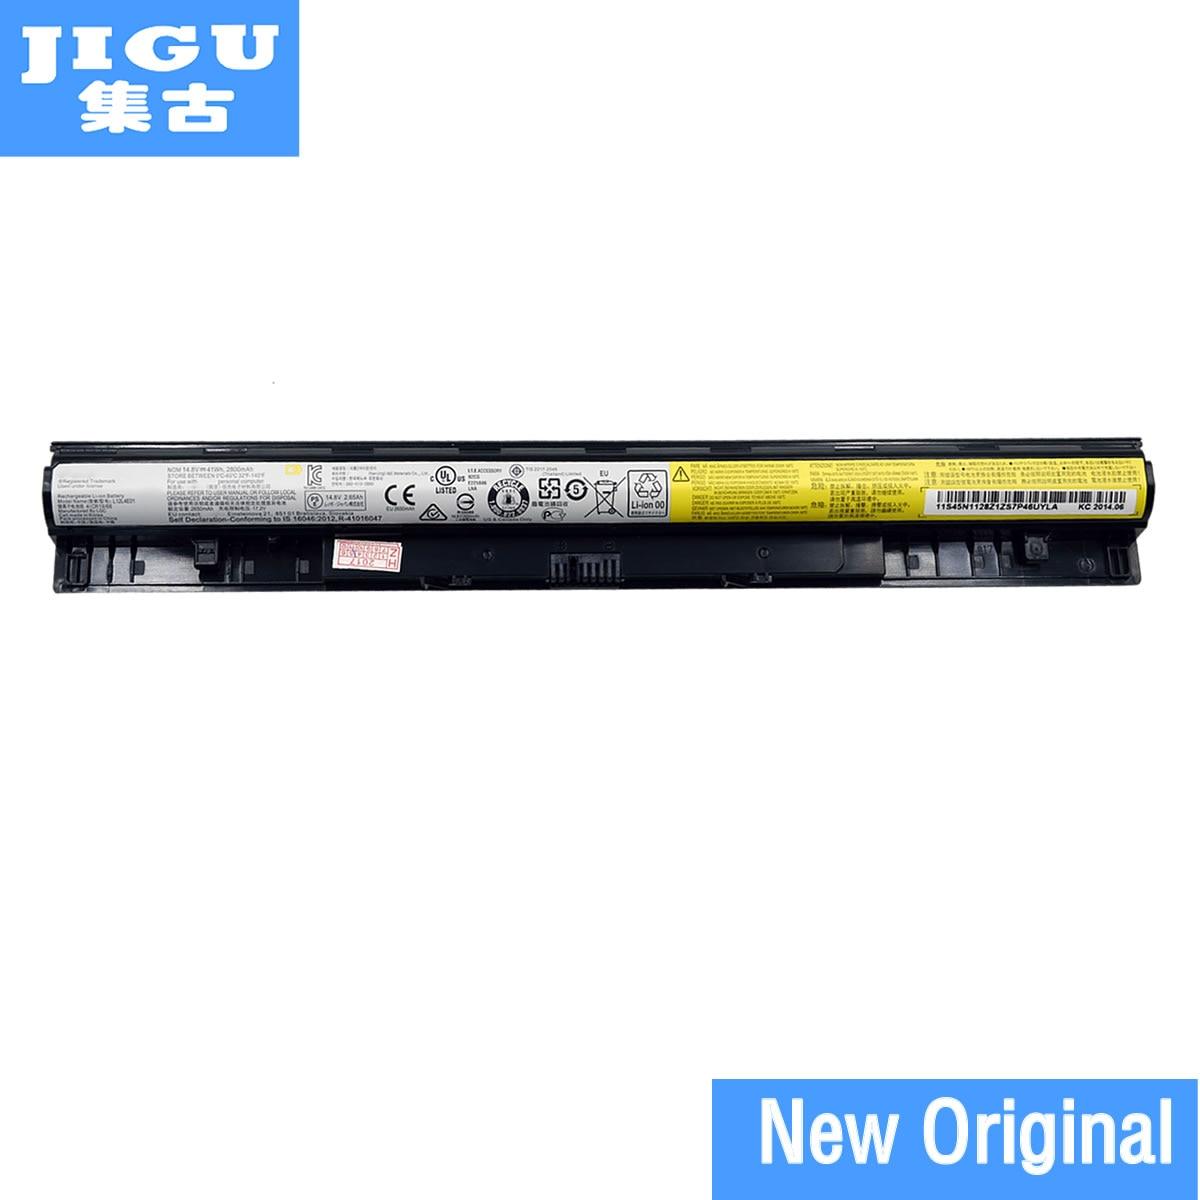 JIGU الأصلي L12L4E01 بطارية كمبيوتر محمول لينوفو G400S G405S G410S G500S G505S G510S S410P S510P Z710 L12S4A02 L12M4E01 L12S4E01